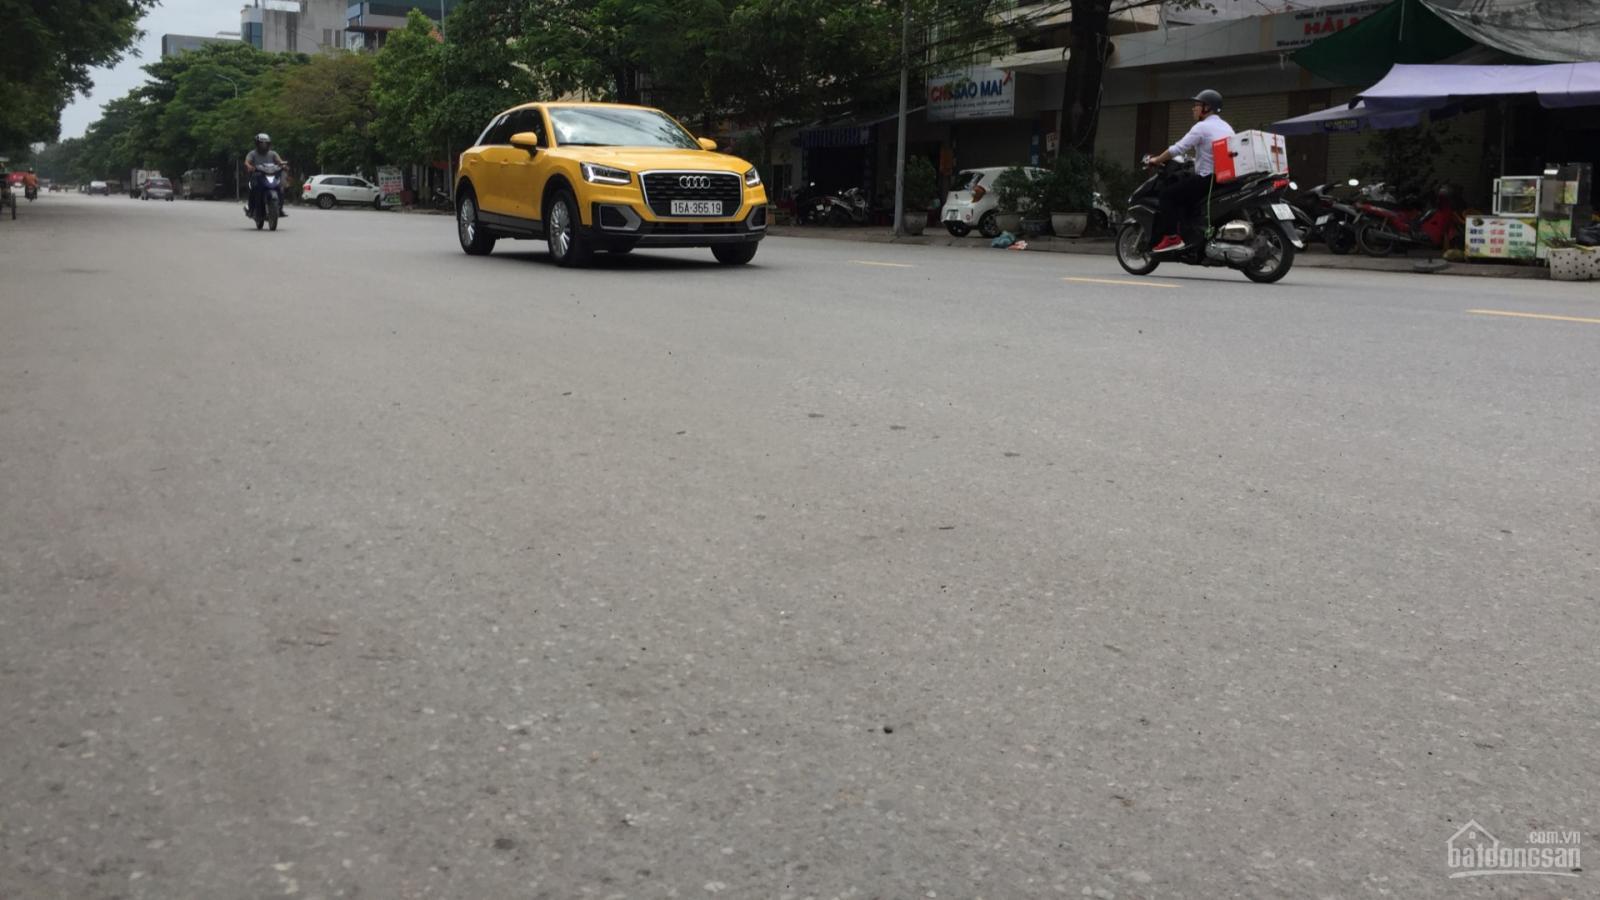 Chuyển nhượng lô đất mặt ngõ đường Đà Nẵng, Ngô Quyền, Hải Phòng